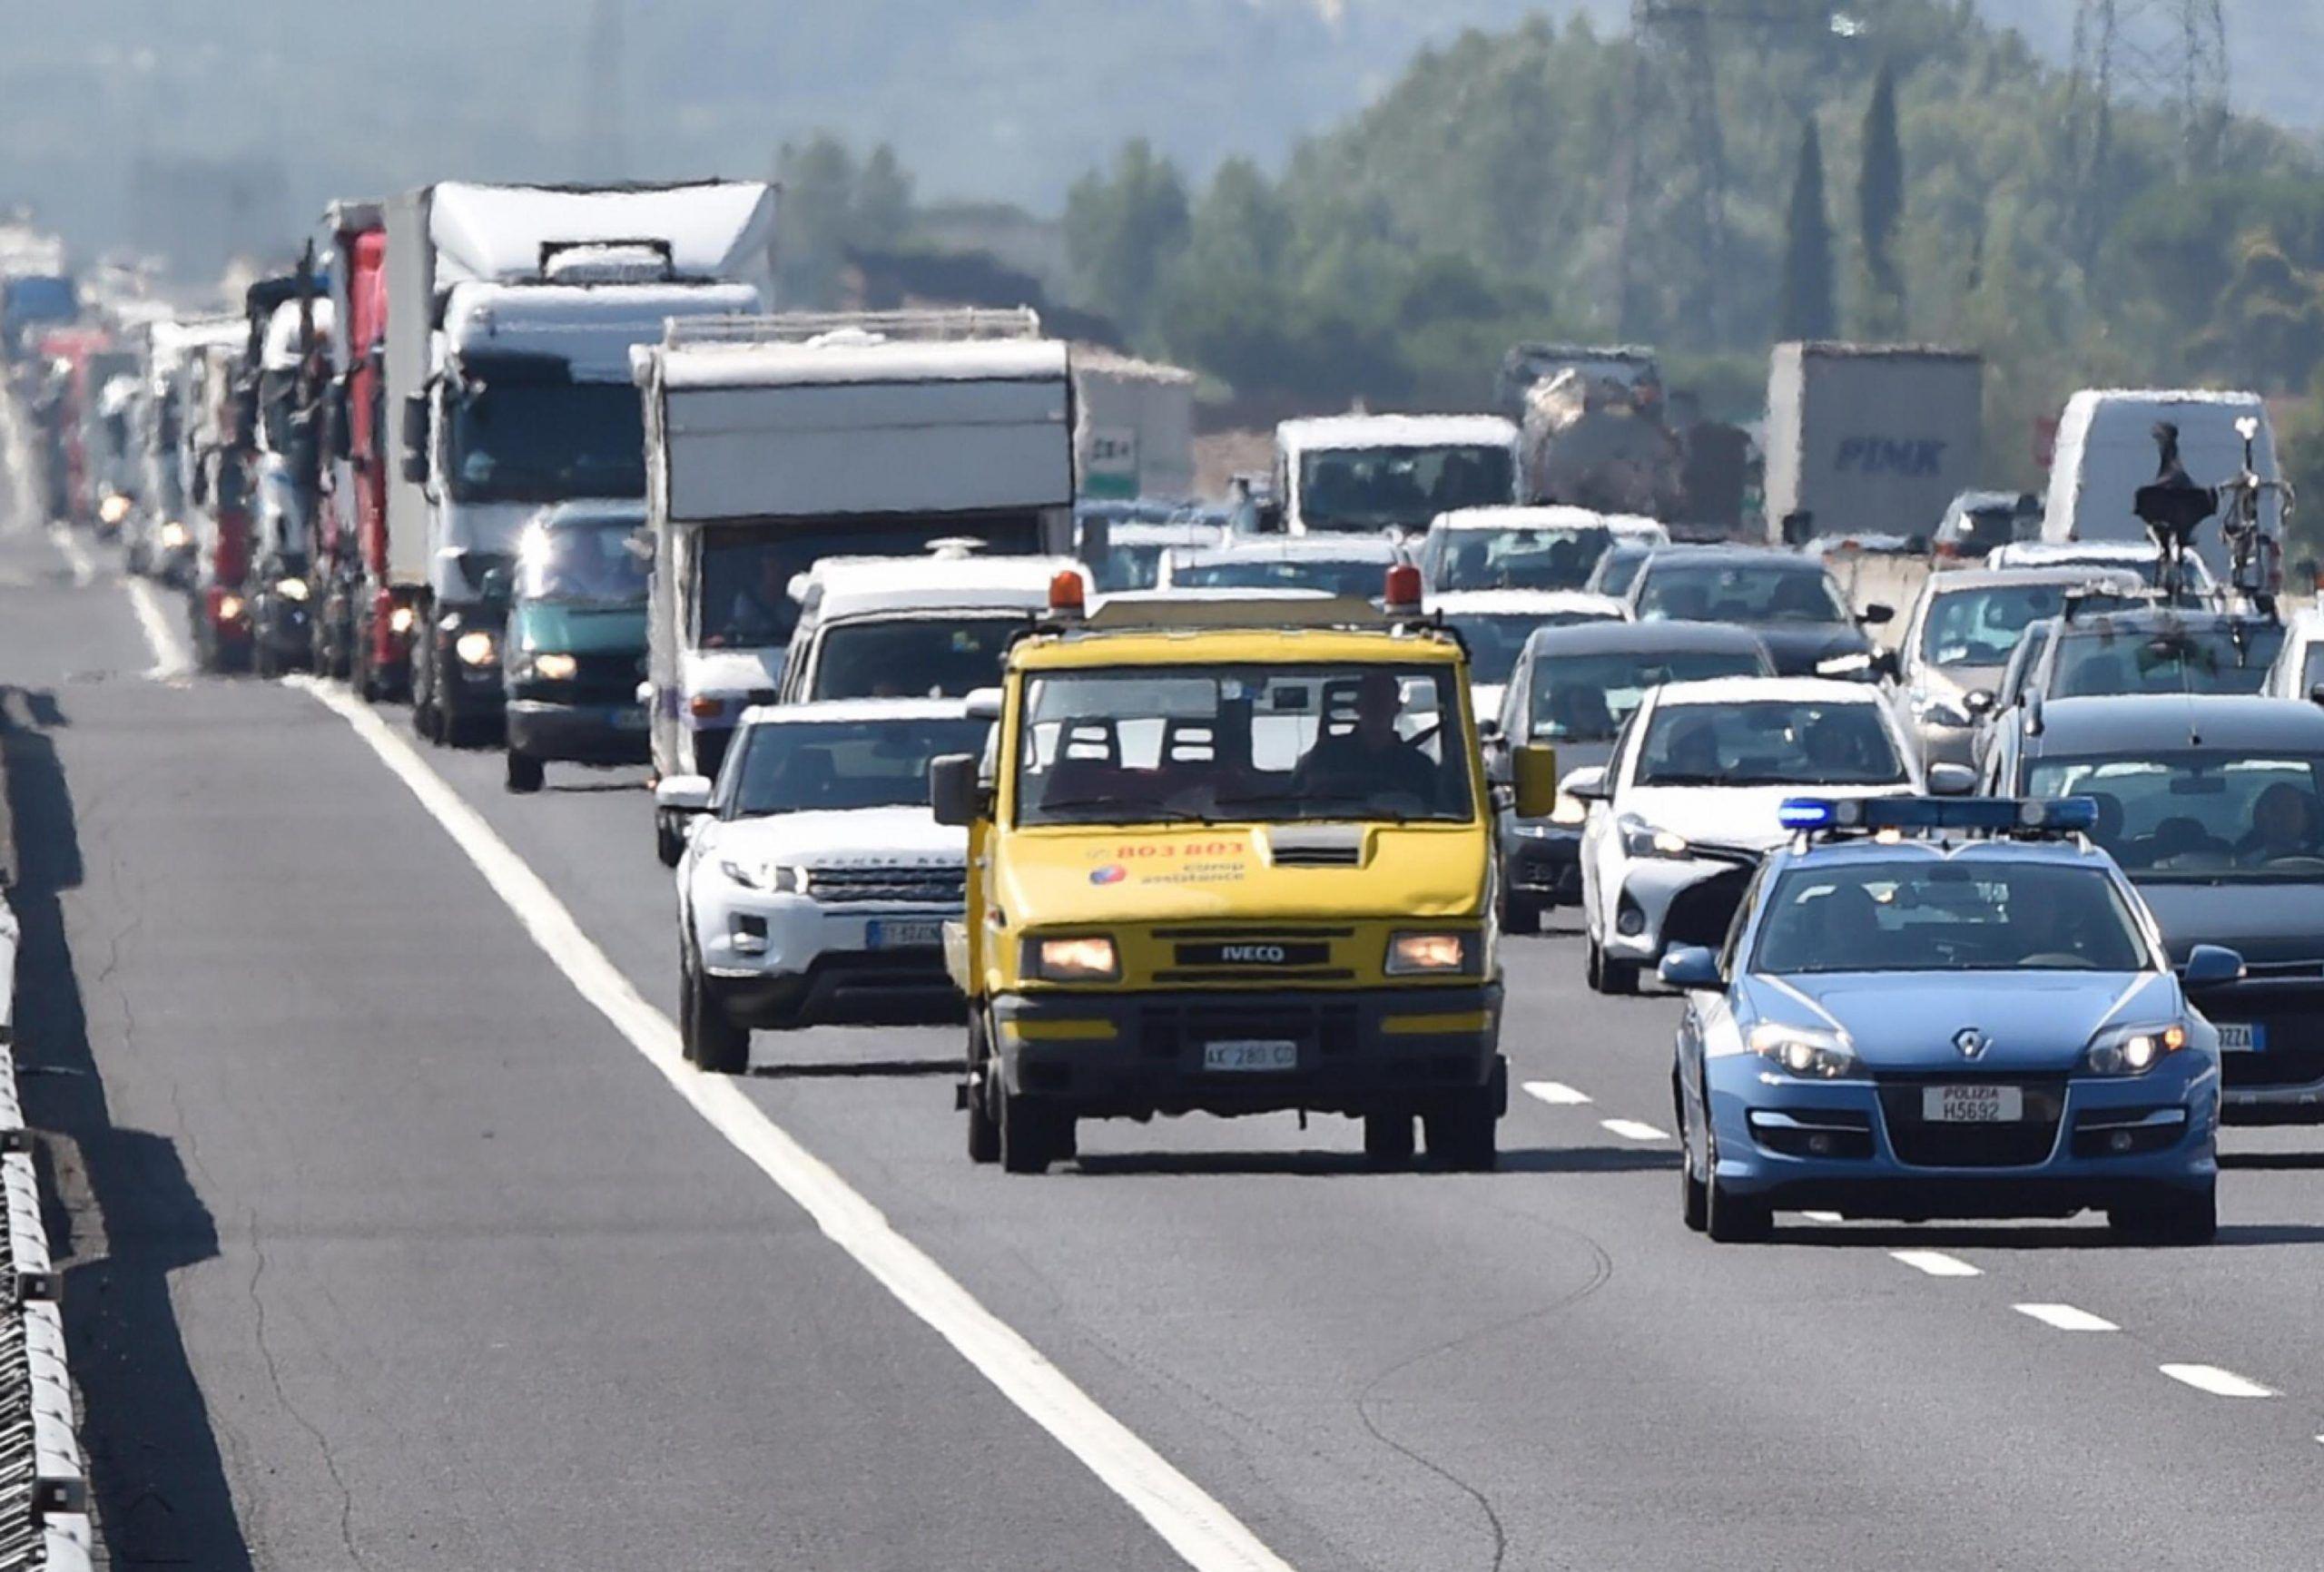 Esodo di Ferragosto in auto, dove la benzina costa meno: le Regioni in cui si risparmia